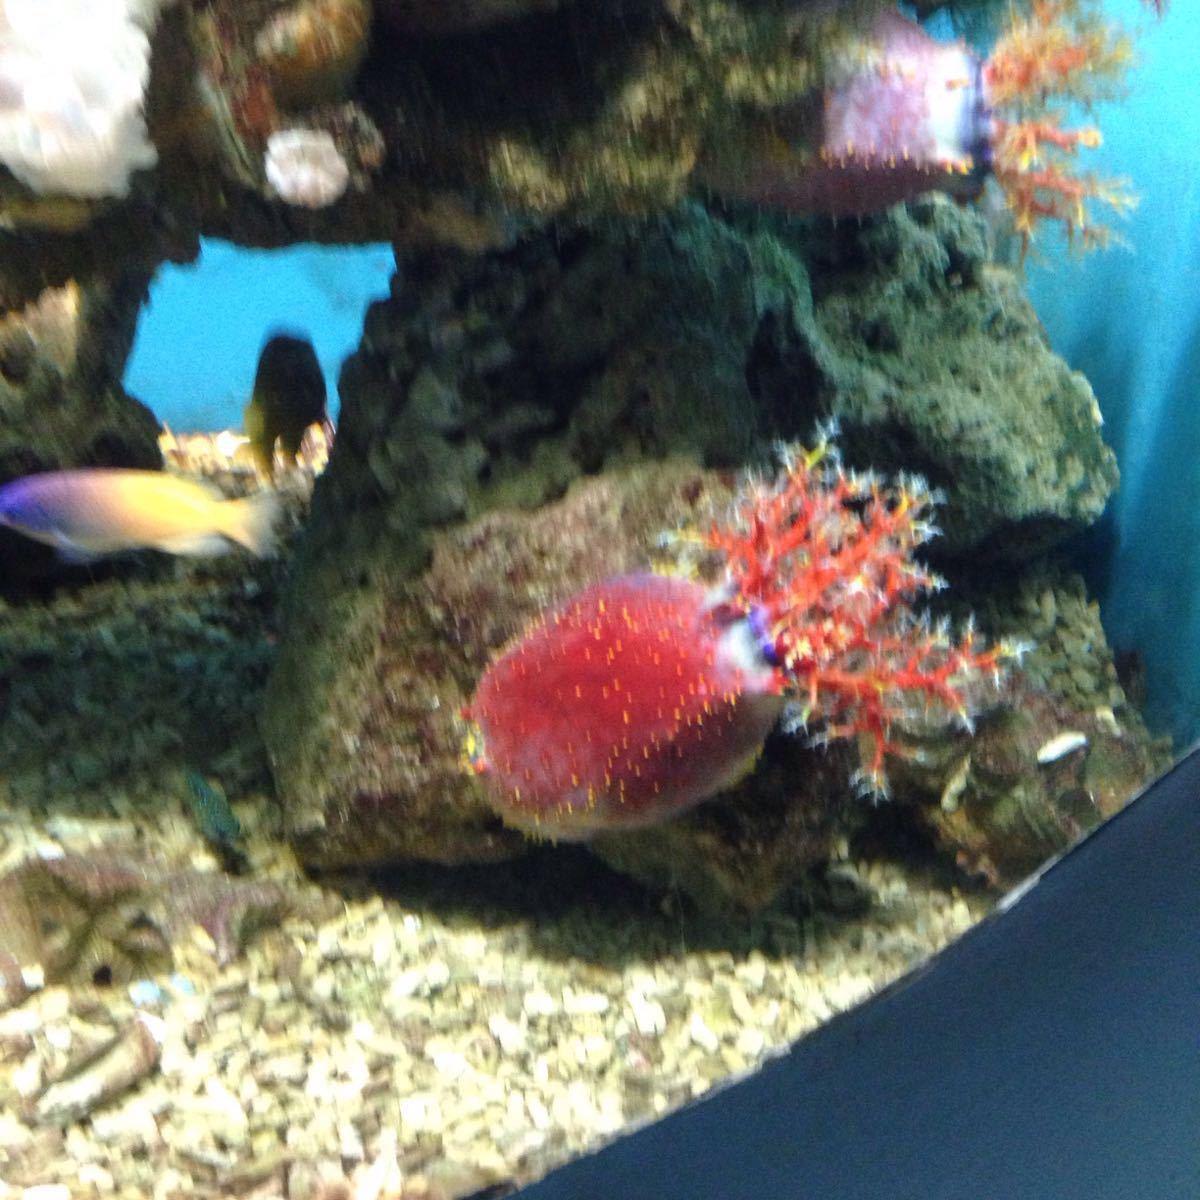 壁纸 动物 海底 海底世界 海洋馆 水族馆 鱼 鱼类 1200_1200